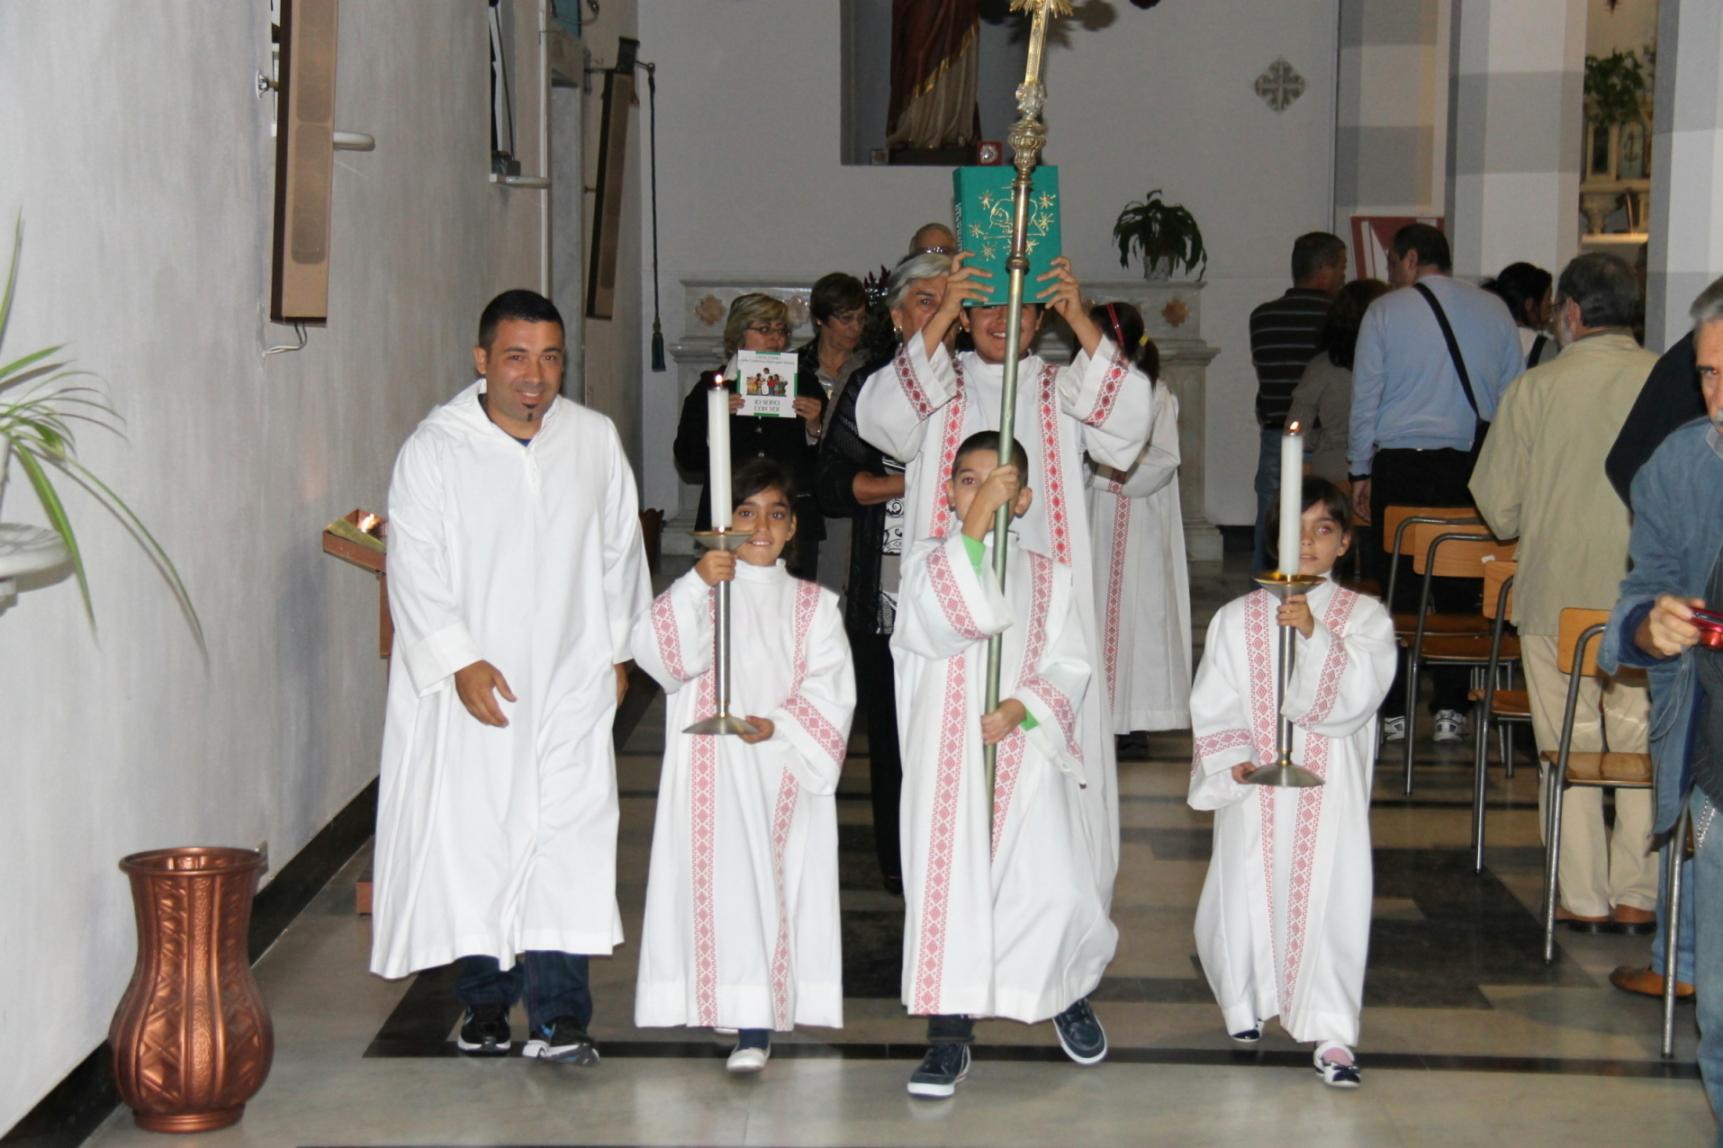 inaugurazione_anno_catechistico_e_anno_della_fede_2012-10-07-11-02-34